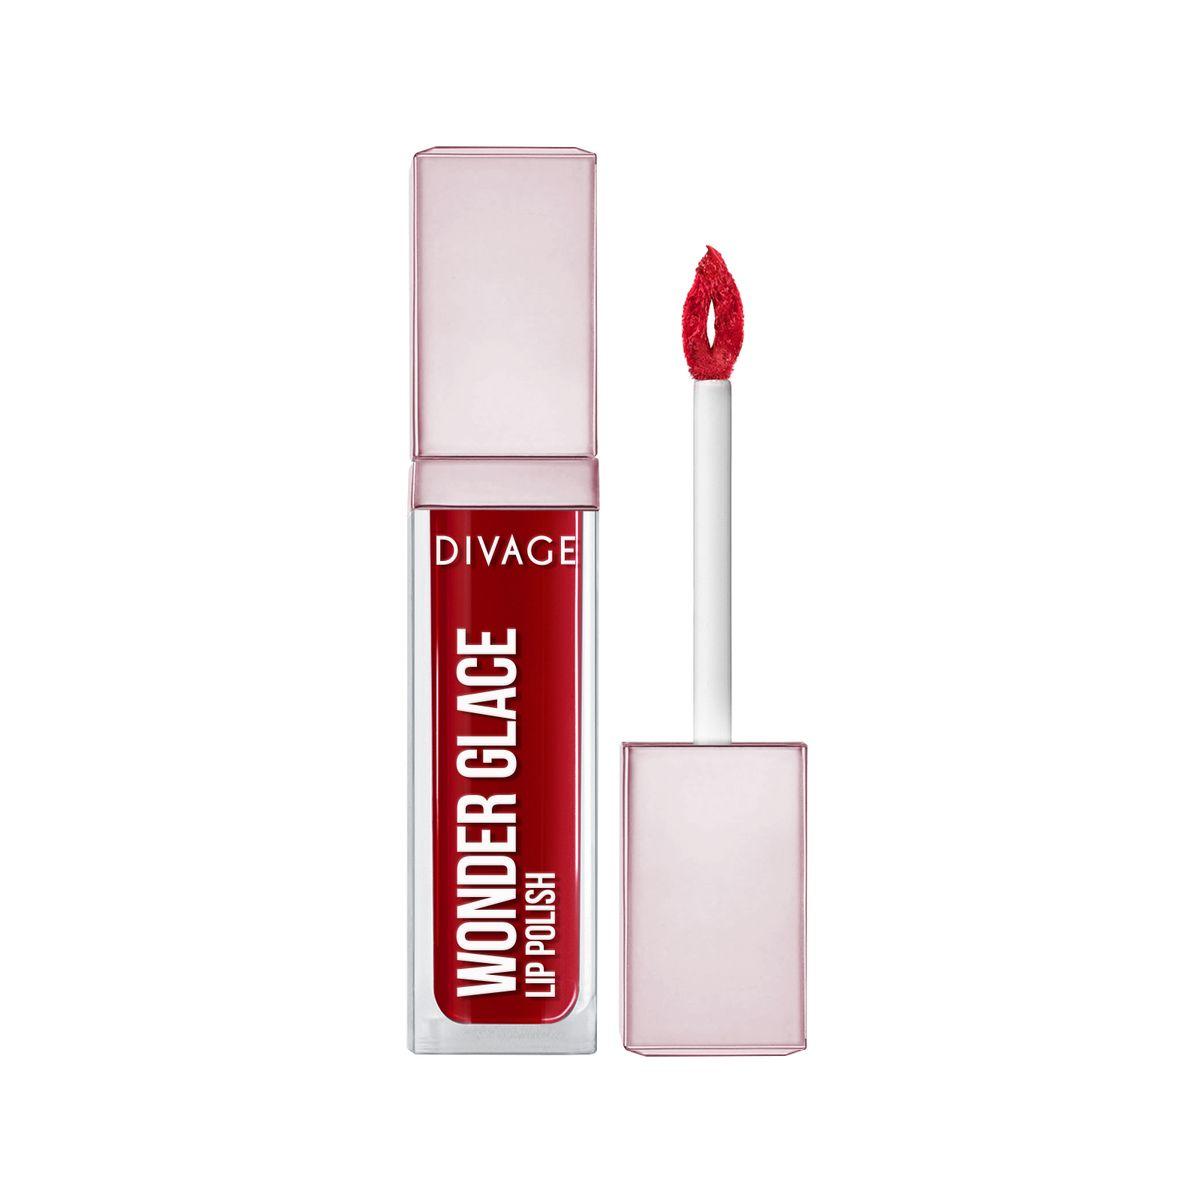 DIVAGE Лак для губ WONDER GLACE, тон № 07, 5 мл28032022DIVAGE приготовил для тебя отличный подарок - лак для губ с инновационной формулой, которая придает глубокий и насыщенный цвет.Роскошное глянцевое сияние на твоих губах сделает макияж особенным и неповторимым. 8 самых актуальных оттенков, чтобы ты могла выглядеть ярко и привлекательно в любой ситуации. Особая форма аппликатора позволяет идеально прокрашивать губы и делает нанесение более комфортным. Лак не только смотрится ярко, но и увлажняет и защищает твои губы. Будь самой неповторимой этой весной и восхищай всех роскошным блеском и невероятно насыщенным цветом с лаком для губ «WONDER GLACE» от DIVAGE!